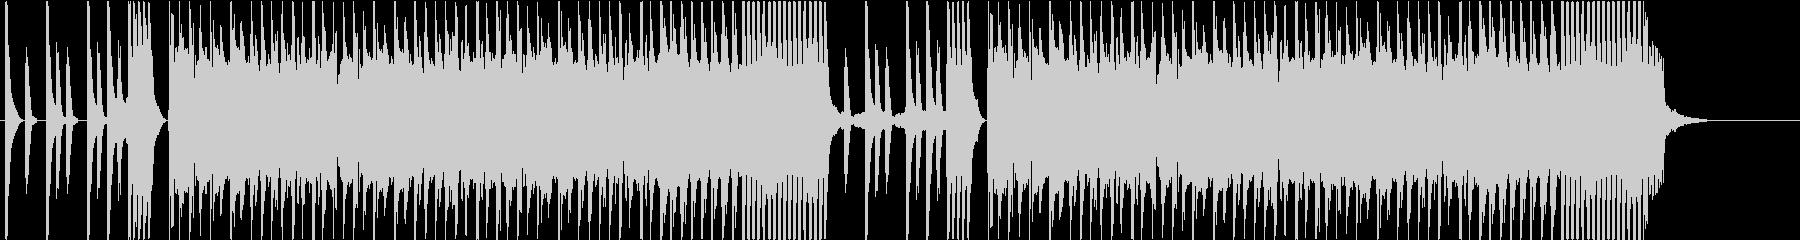 コミカルなゲームサウンドのBGMの未再生の波形